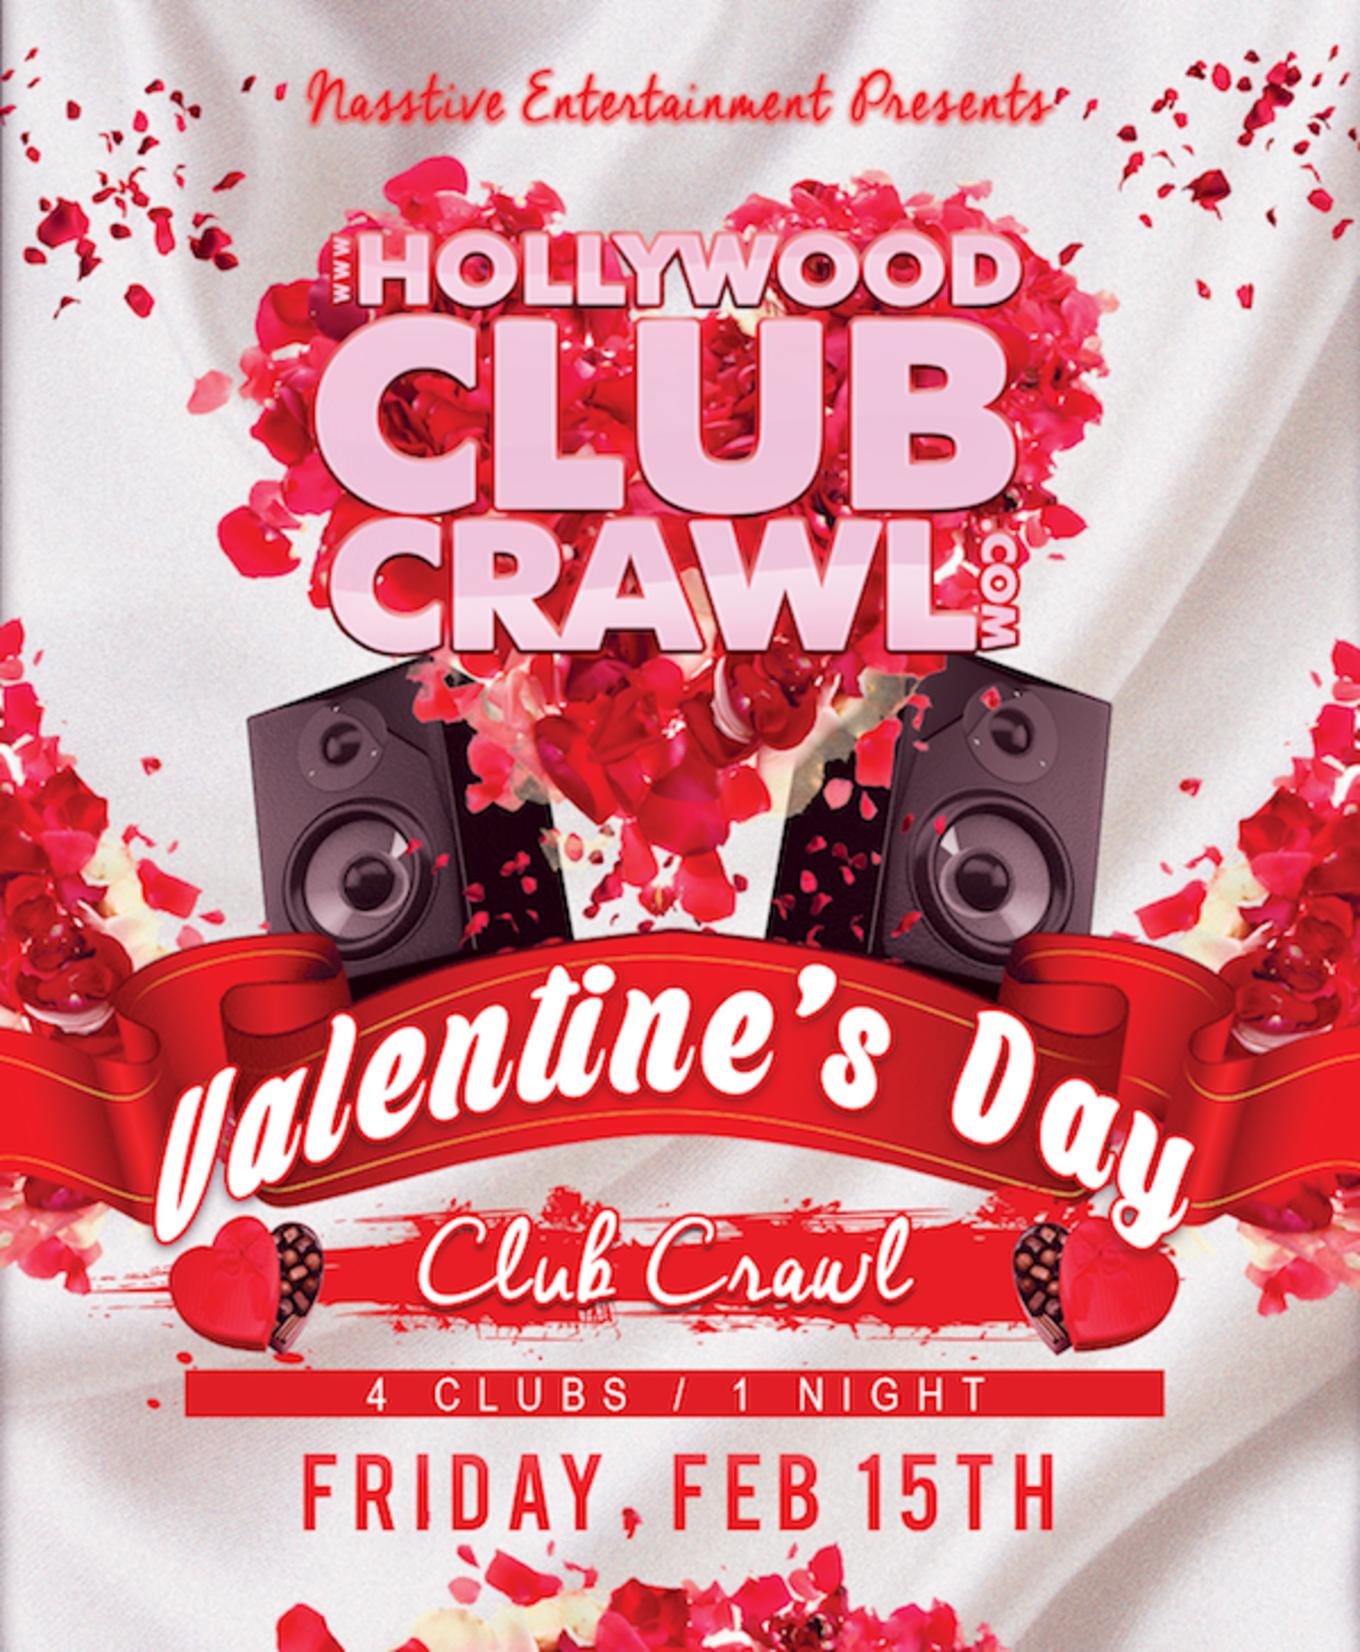 VALENTINE'S DAY Hollywood Club Crawl Tickets St. Felix